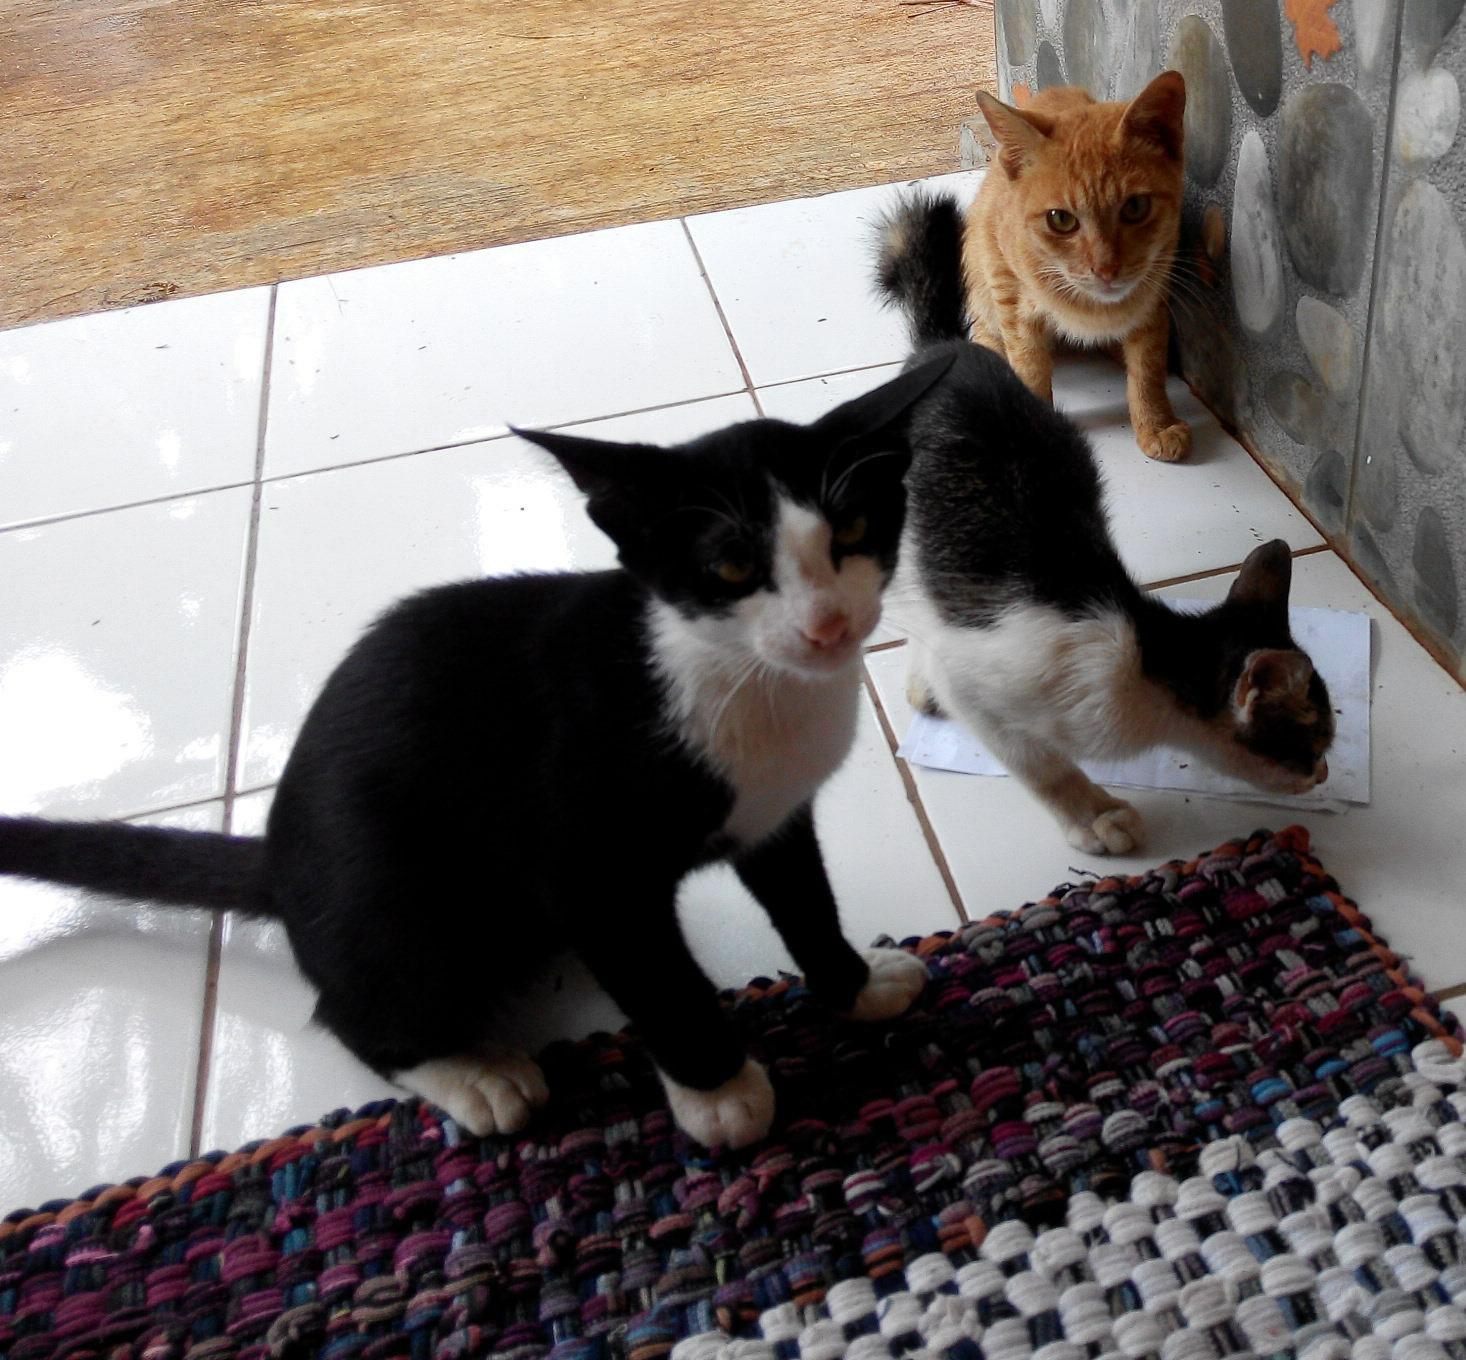 Nero Dan Kucing Kucing Rumah Petak Dewipuspasari S Weblog